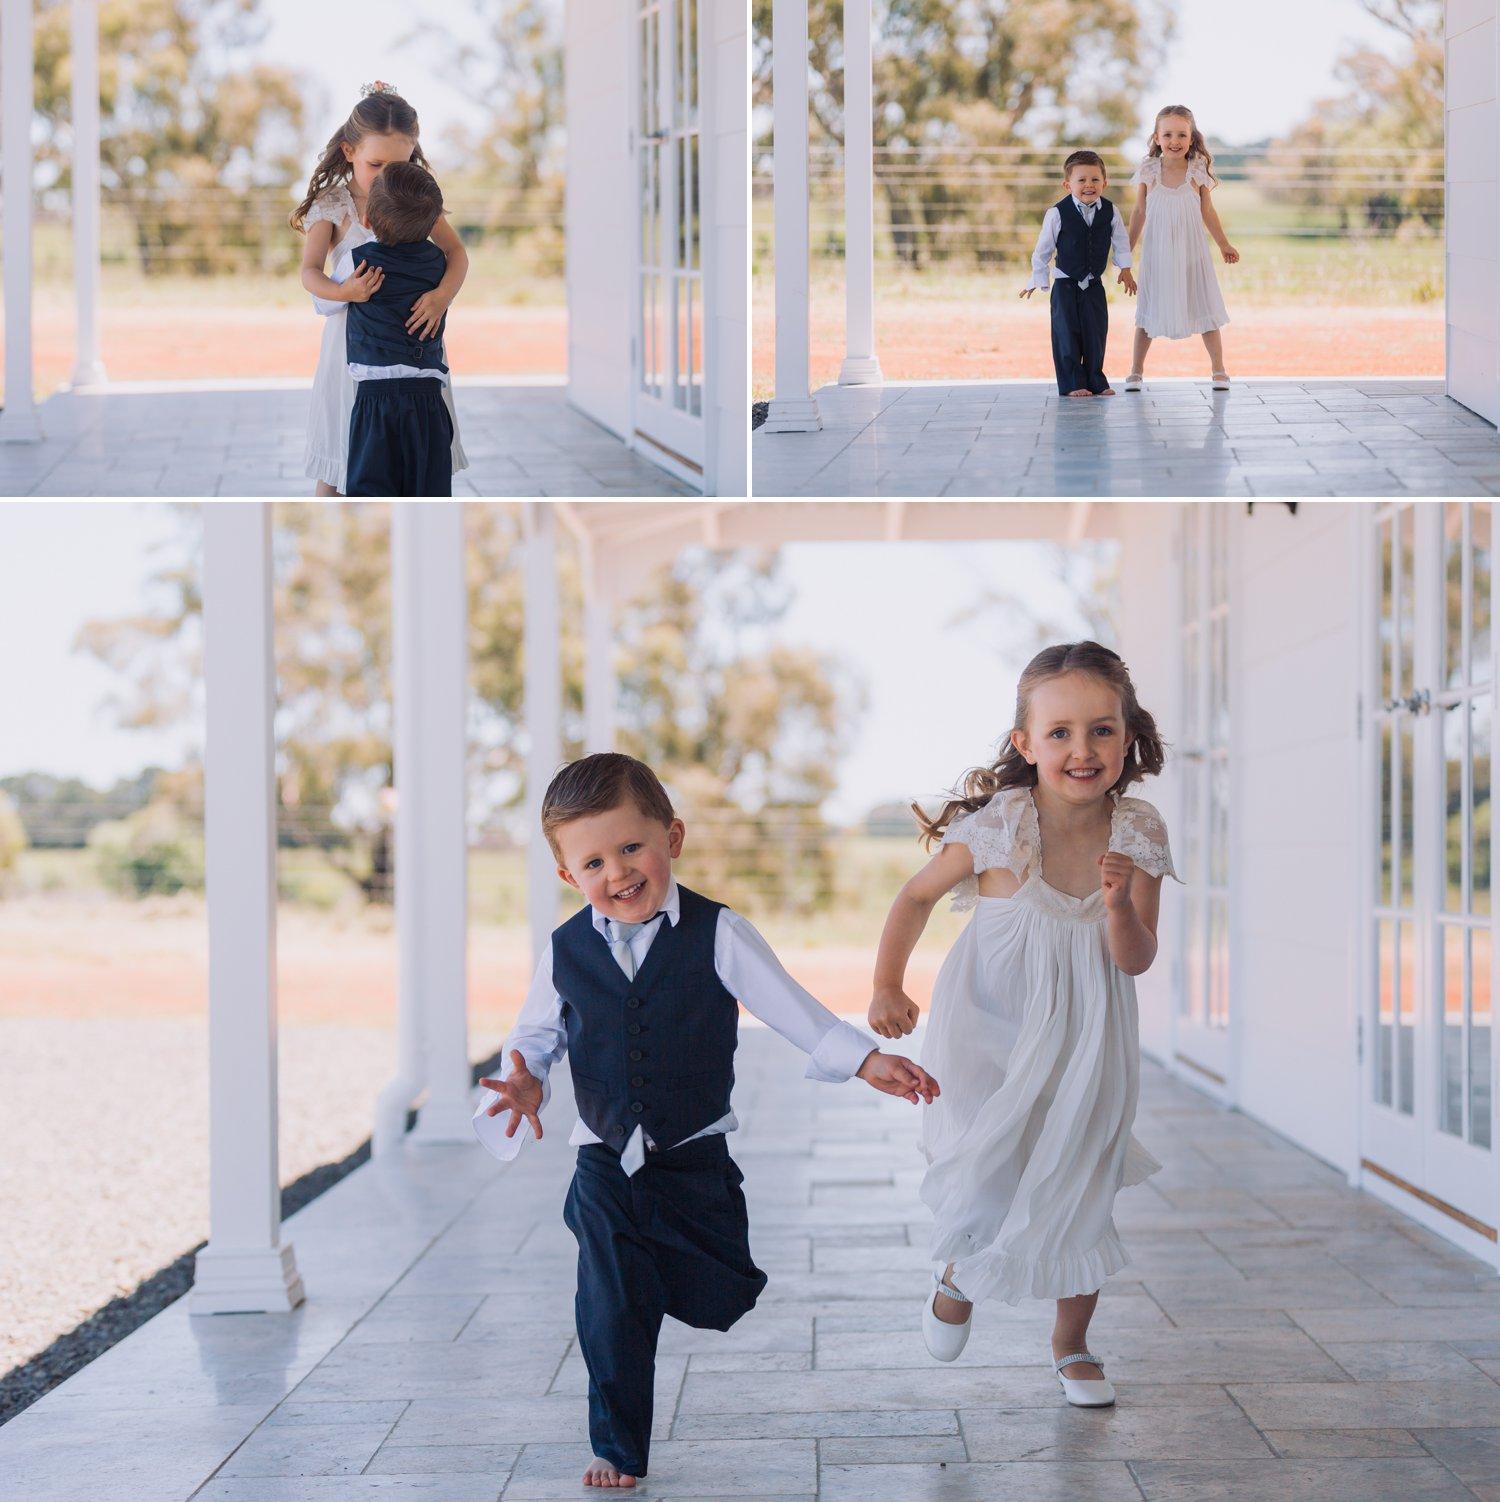 Tim & Carolyn_Millthorpe wedding photography_feather and birch_ 8.jpg